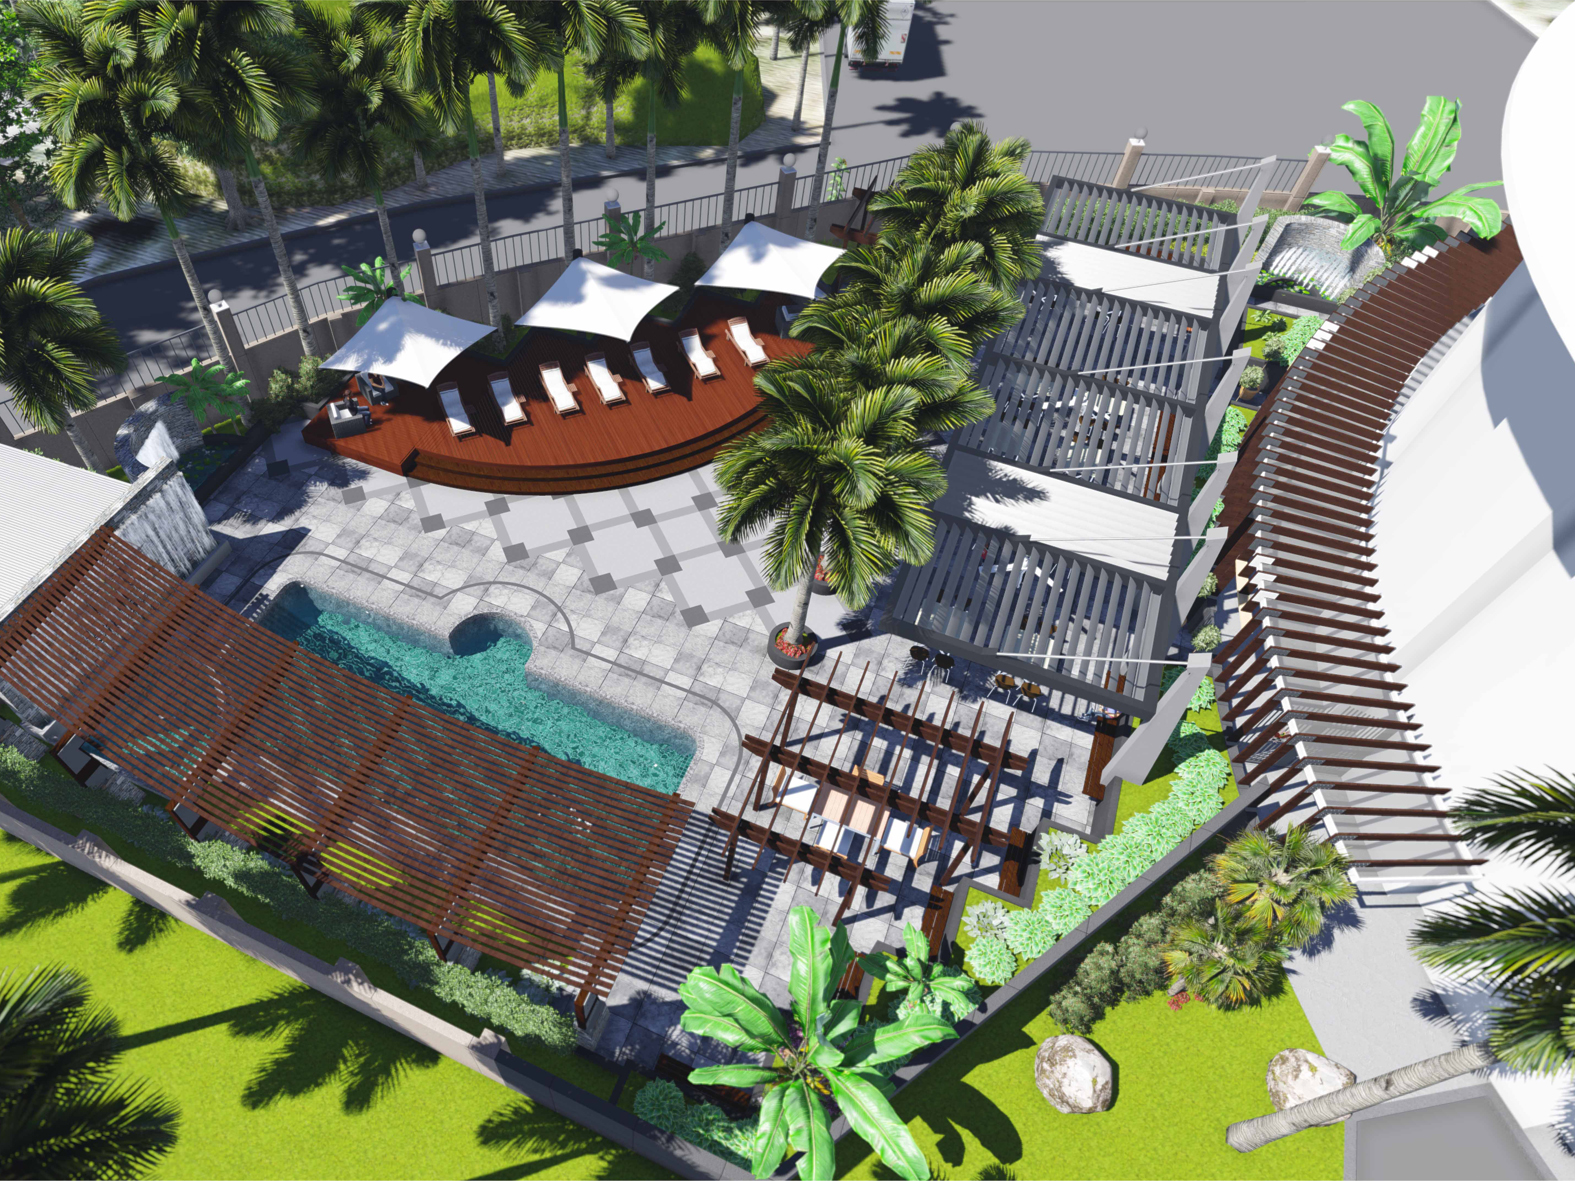 ....PNG Parliament Development..巴布亚新几内亚议会大楼扩建....